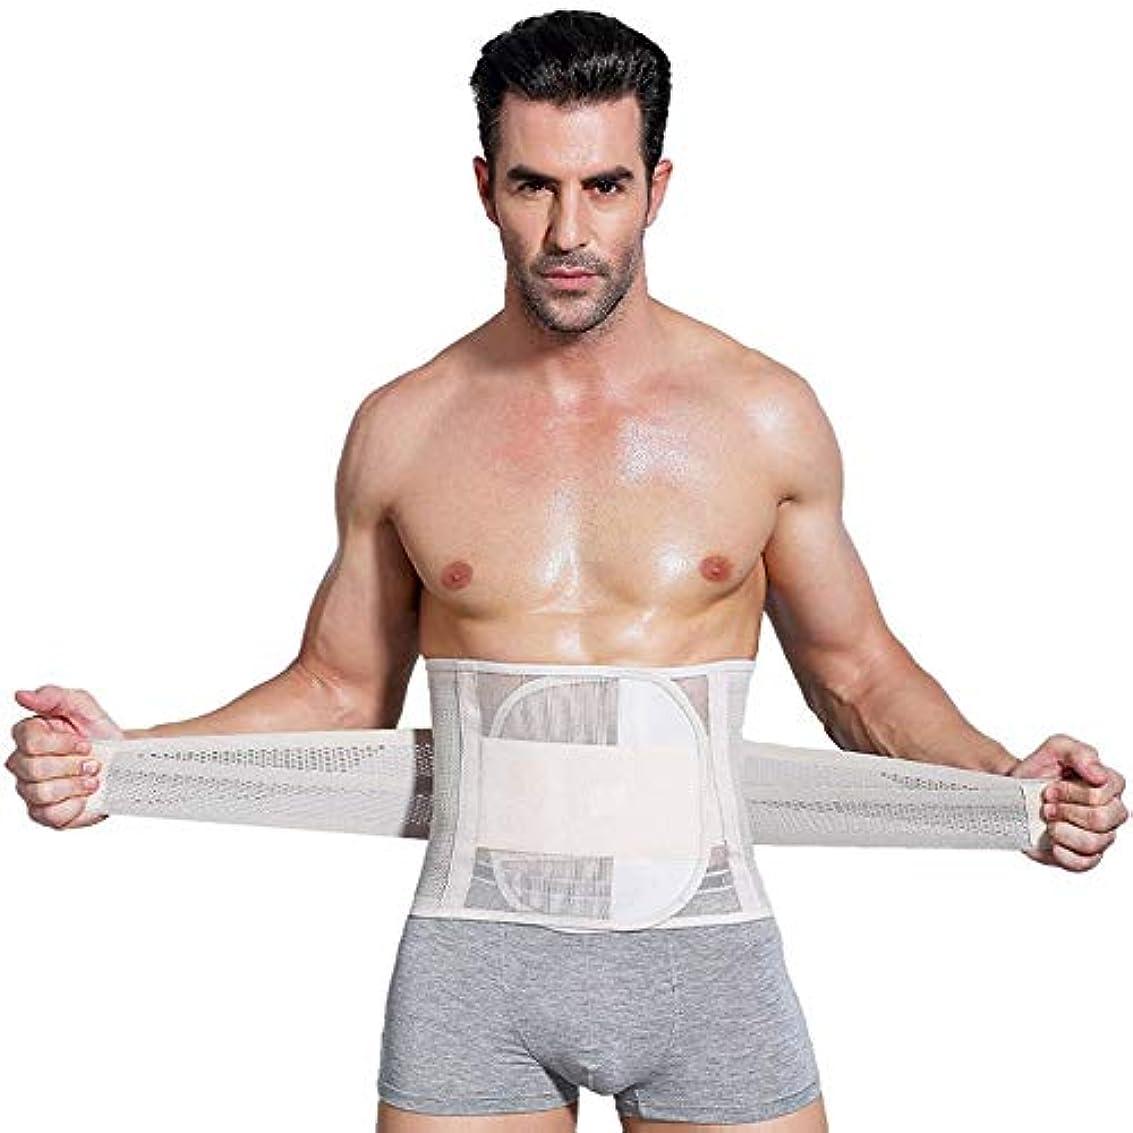 雄大なピンポイント値する男性ボディシェイパーコルセット腹部おなかコントロールウエストトレーナーニッパー脂肪燃焼ガードル痩身腹ベルト用男性(Color:skin color)(Size:XL)